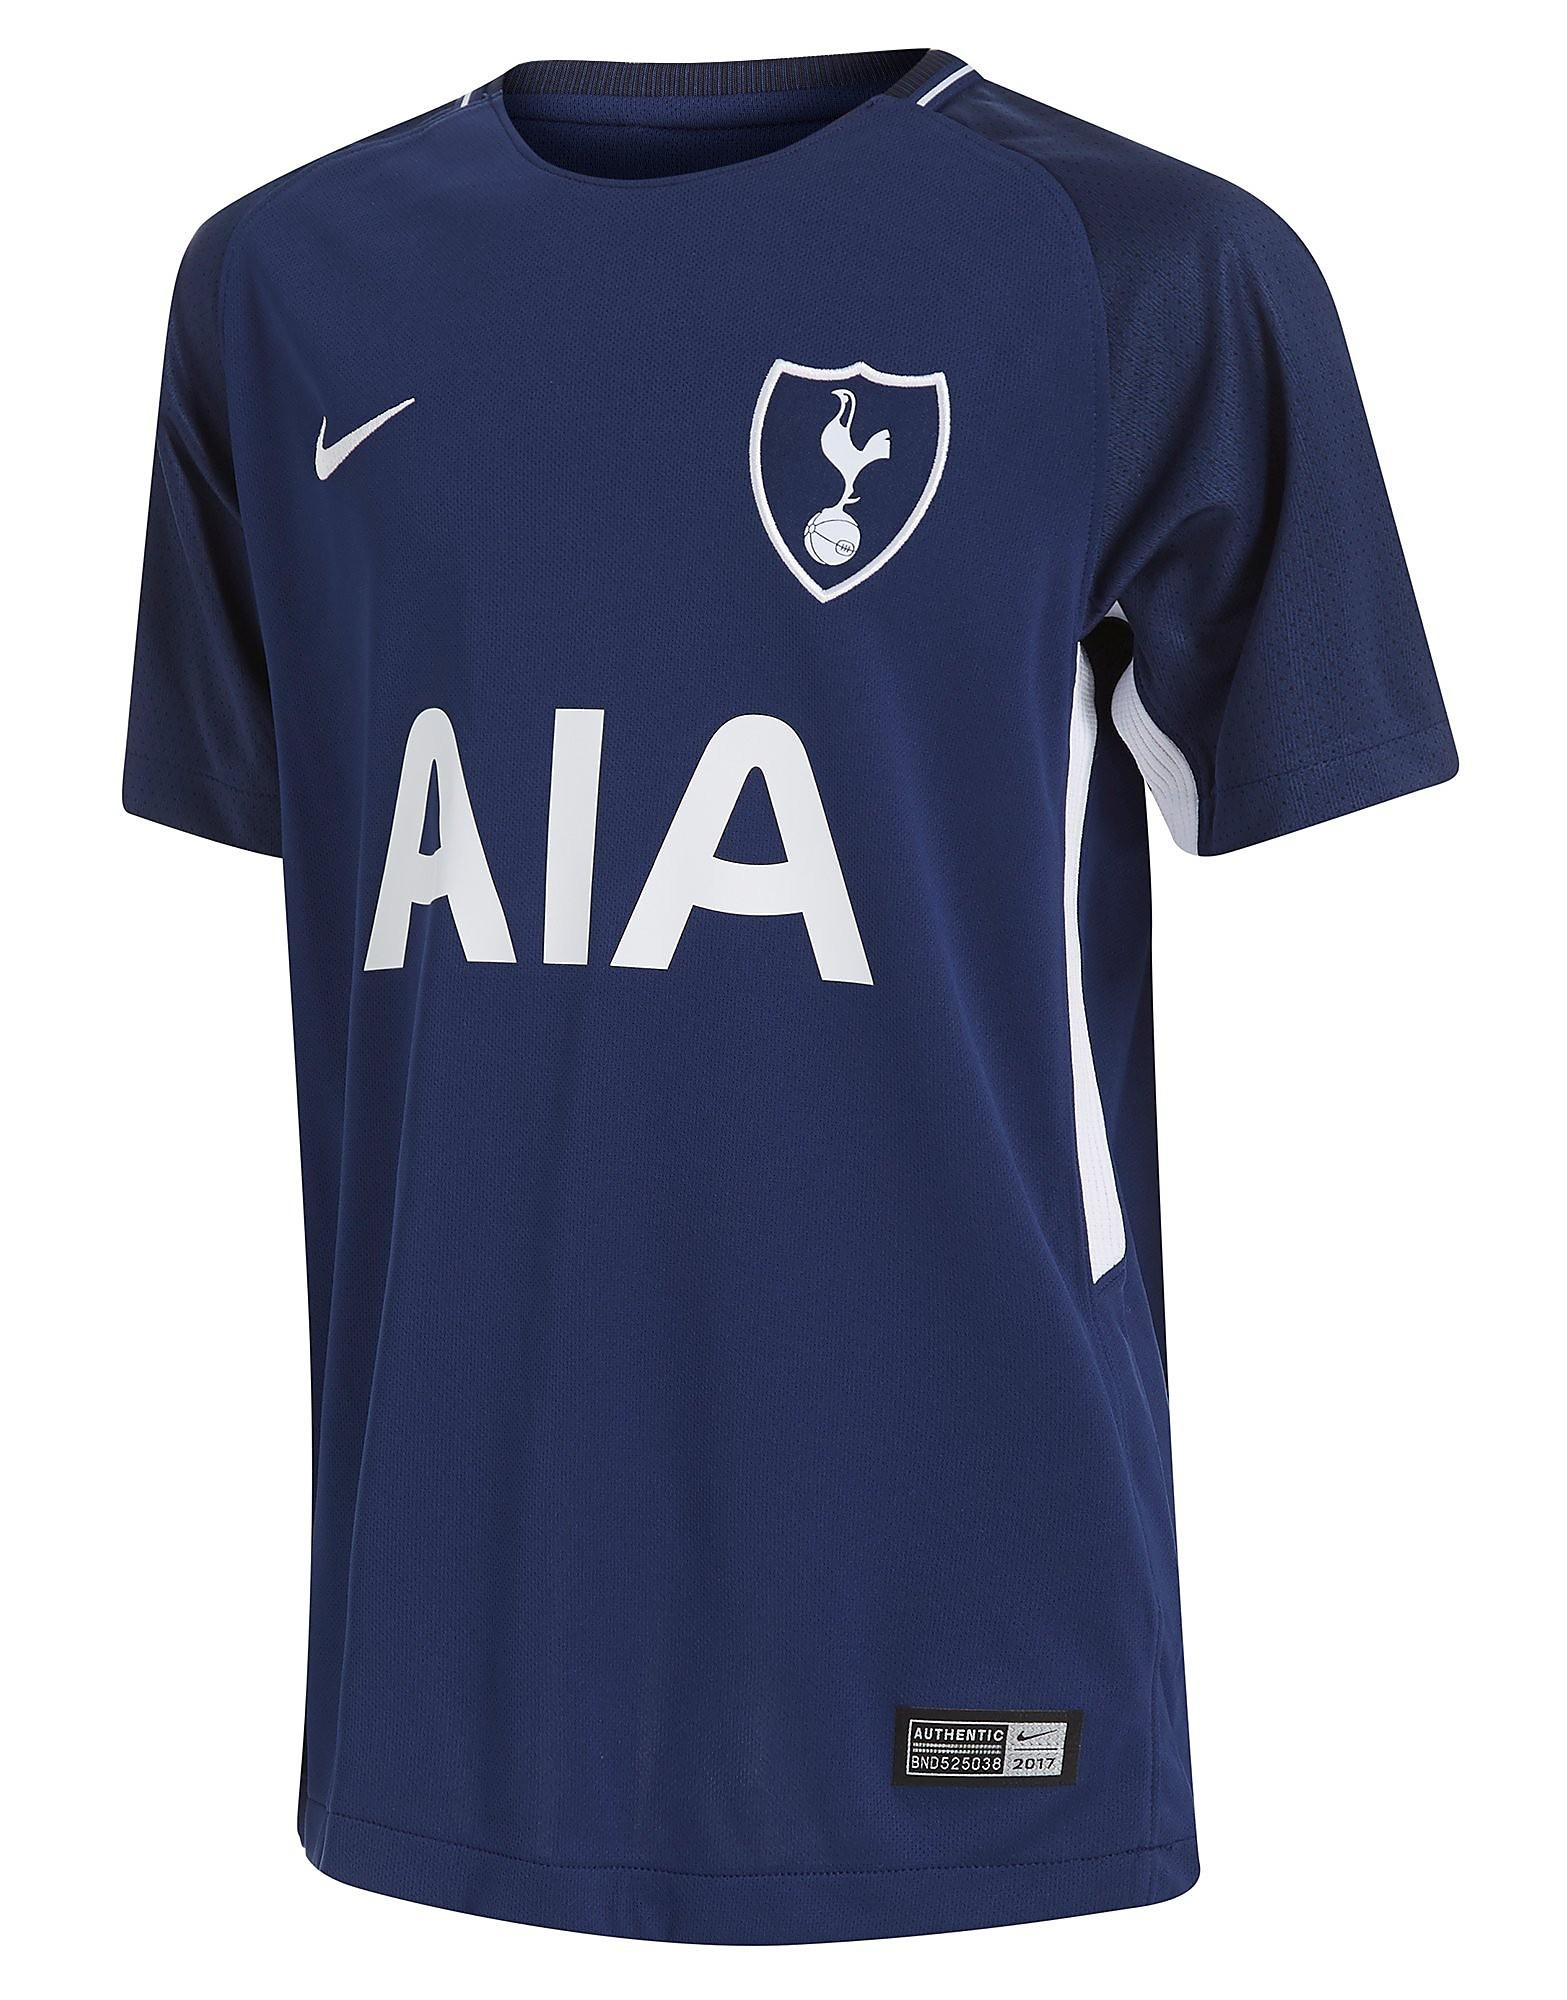 Nike Tottenham Hotspur 2017/18 Away Shirt Junior